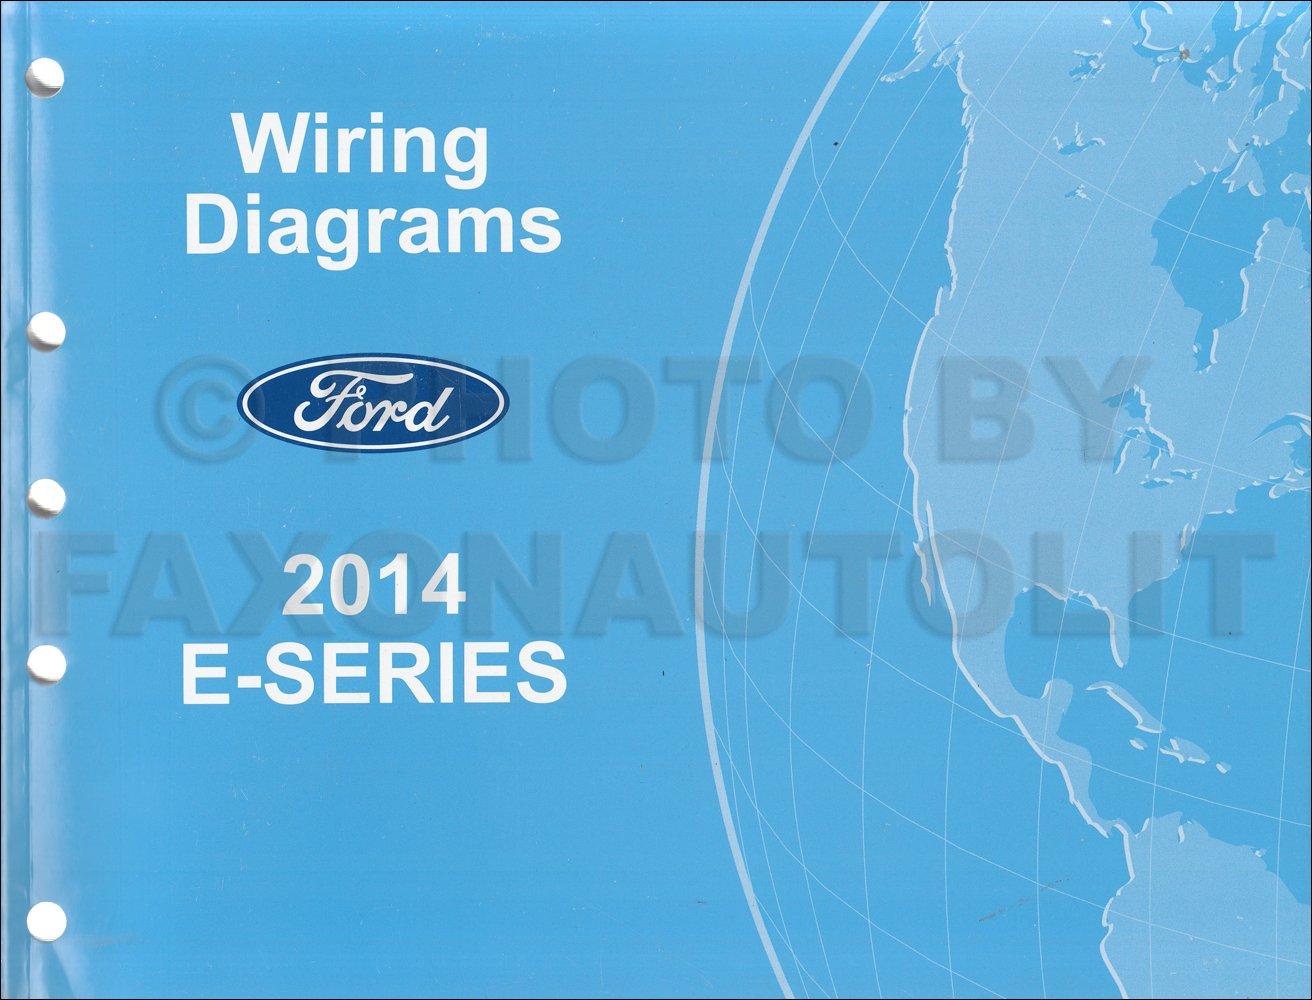 2014 Ford Econoline Wiring Diagram Manual Original Van E150 E250 E350 E450:  Ford: Amazon.com: BooksAmazon.com